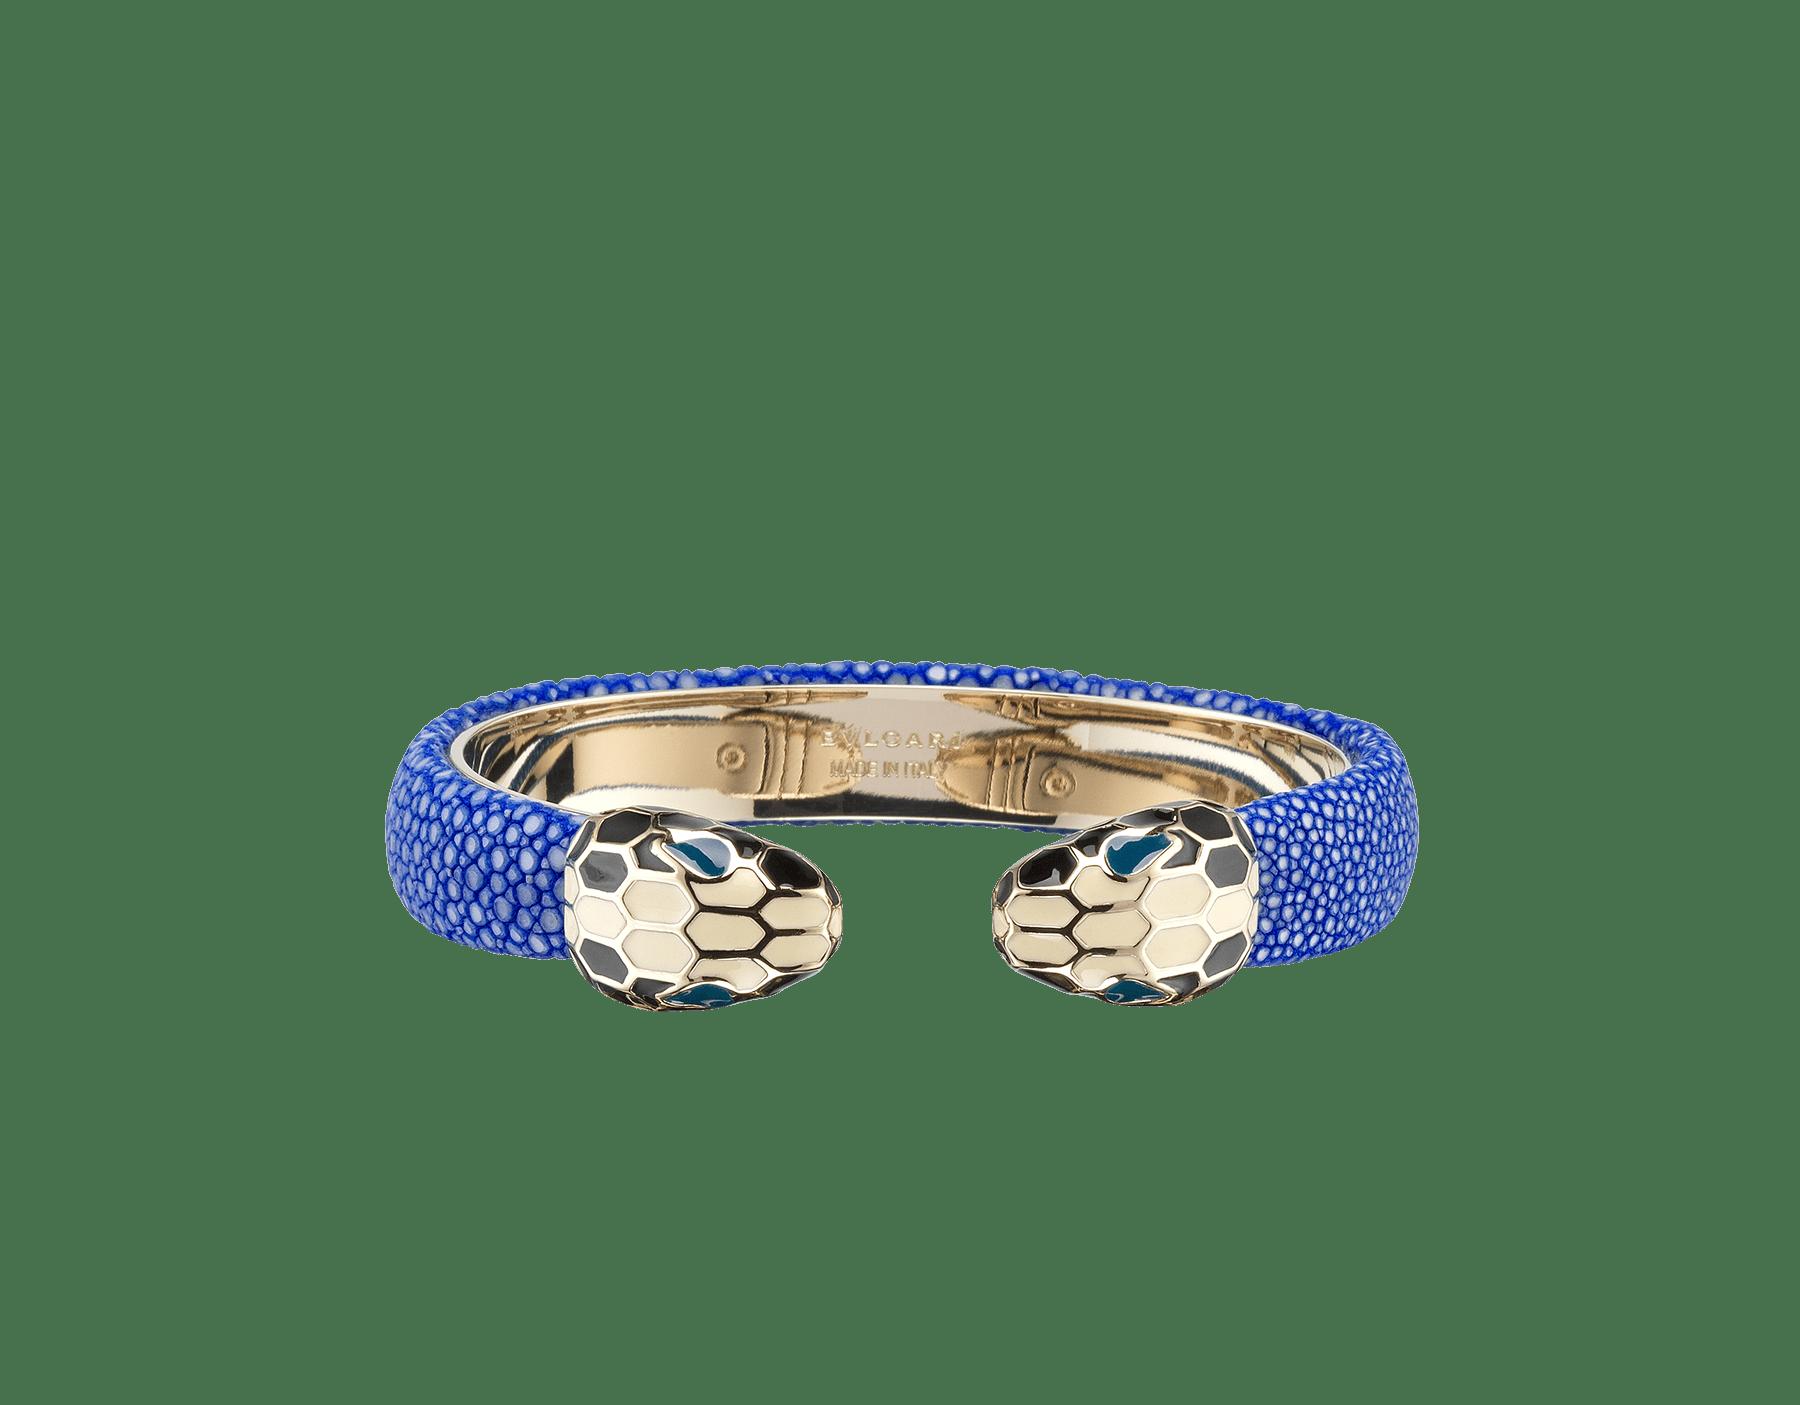 Bracelet jonc Serpenti Forever en galuchat couleur Cobalt Tourmaline avec détails en laiton doré. Motif en miroir Serpenti emblématique en émail noir et blanc avec yeux en émail vert 287490 image 1